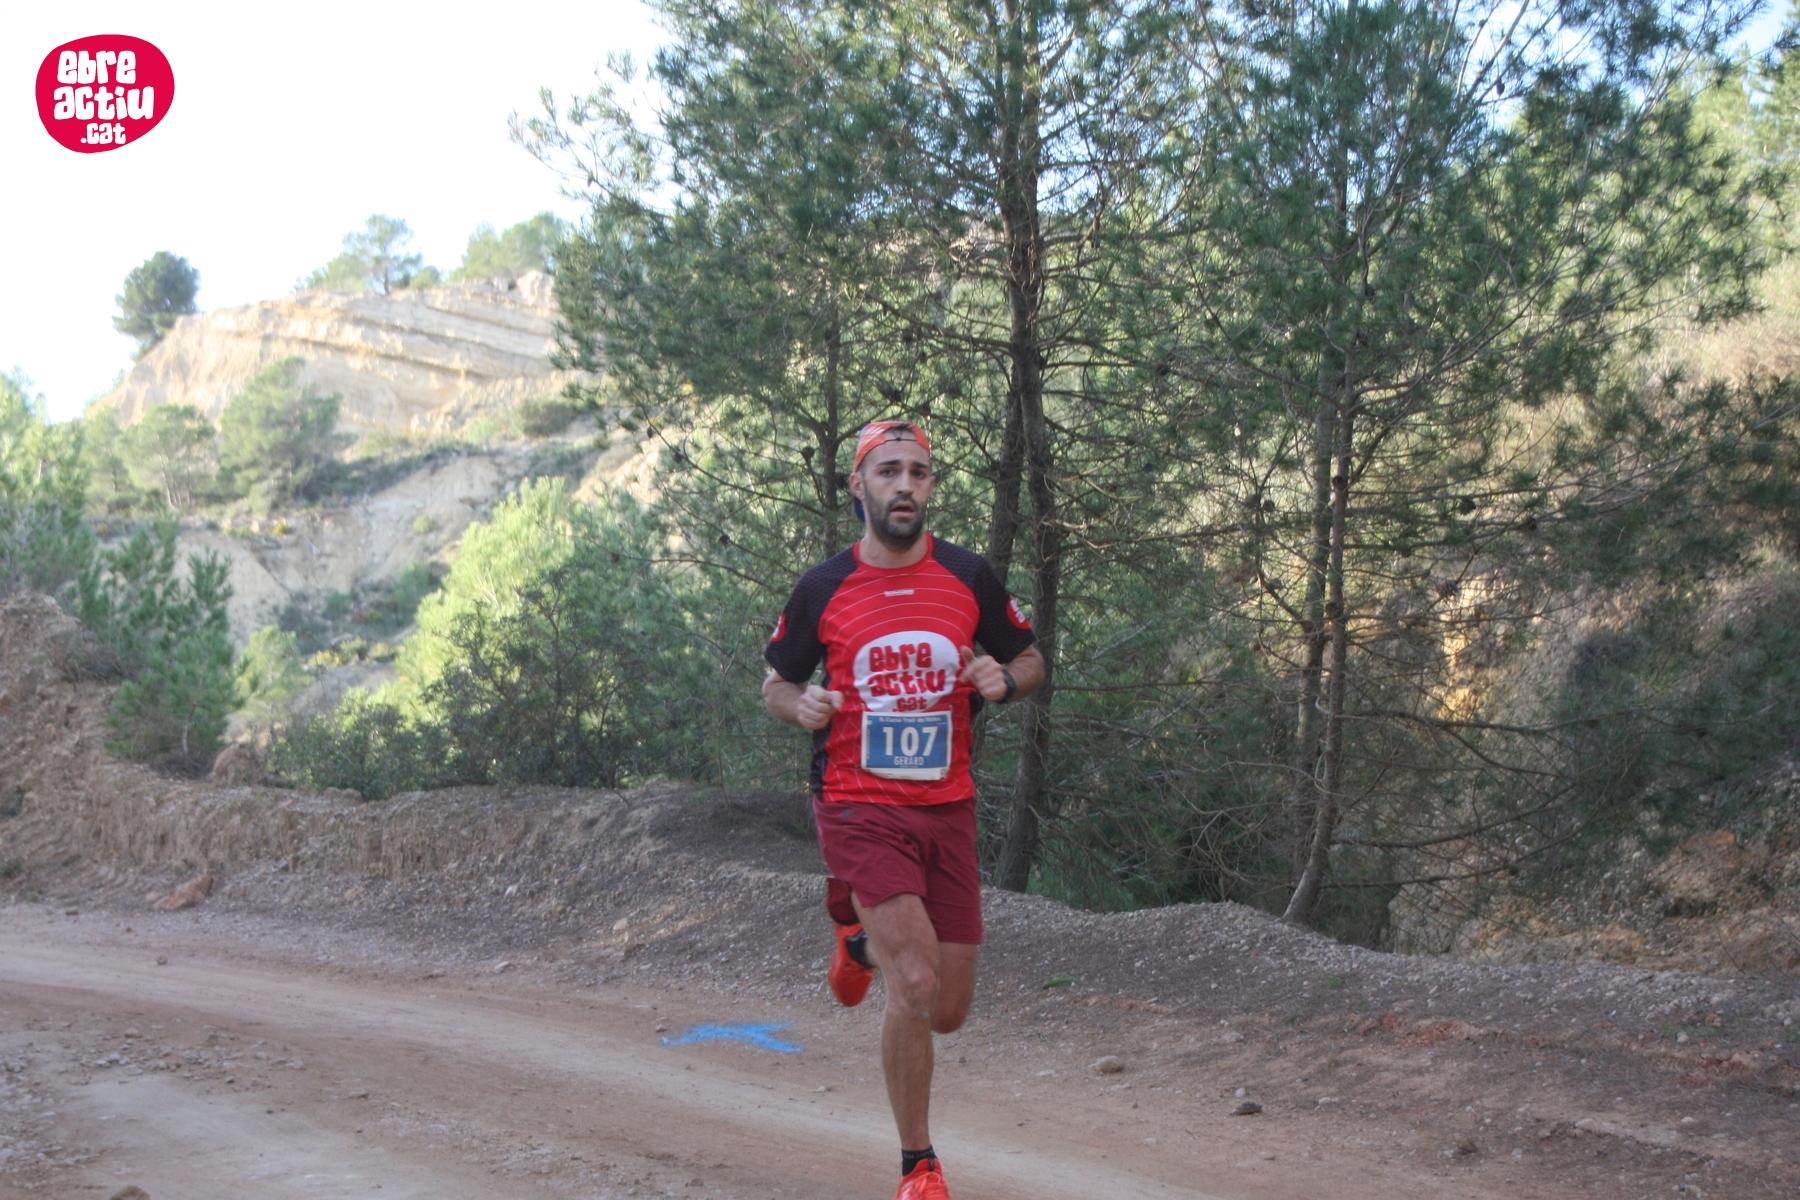 Fotos de la cursa Trail de l'Aldea (22/12/2019)